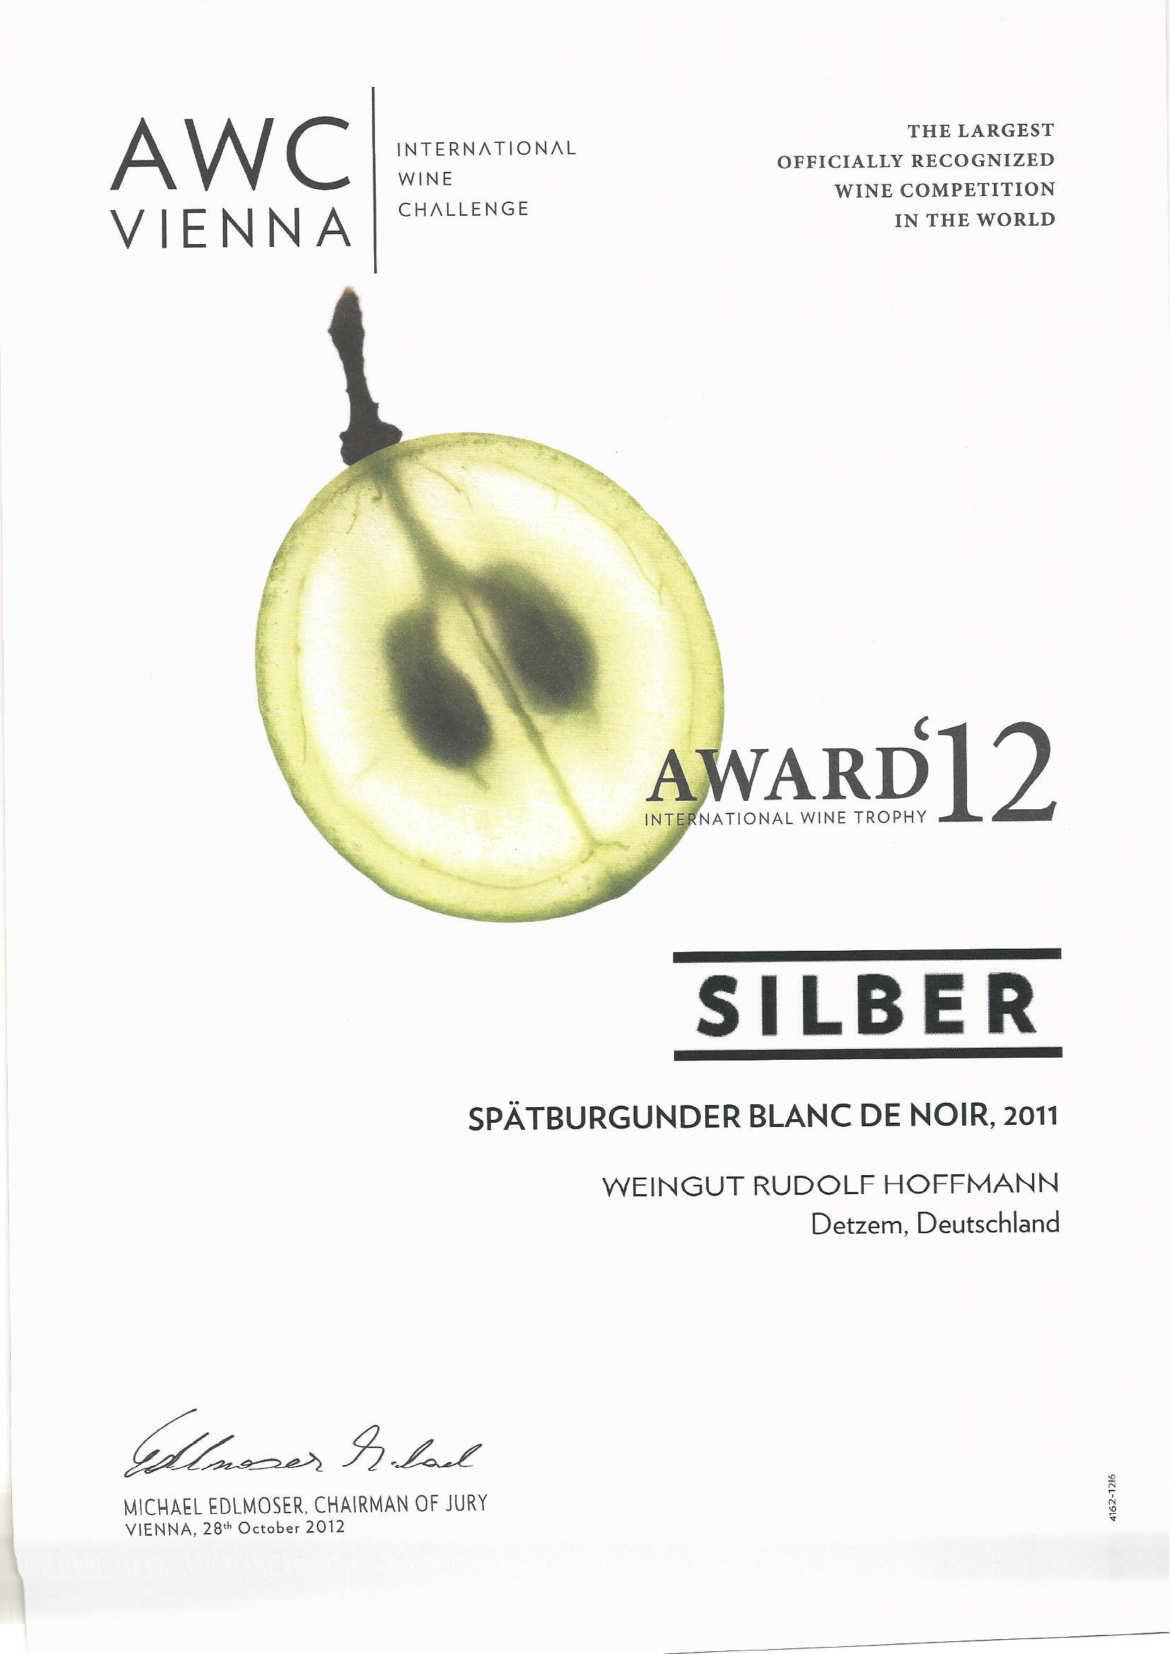 Spaetburgunder_Blanc_de_Noir_2011_Silber_2012.jpg